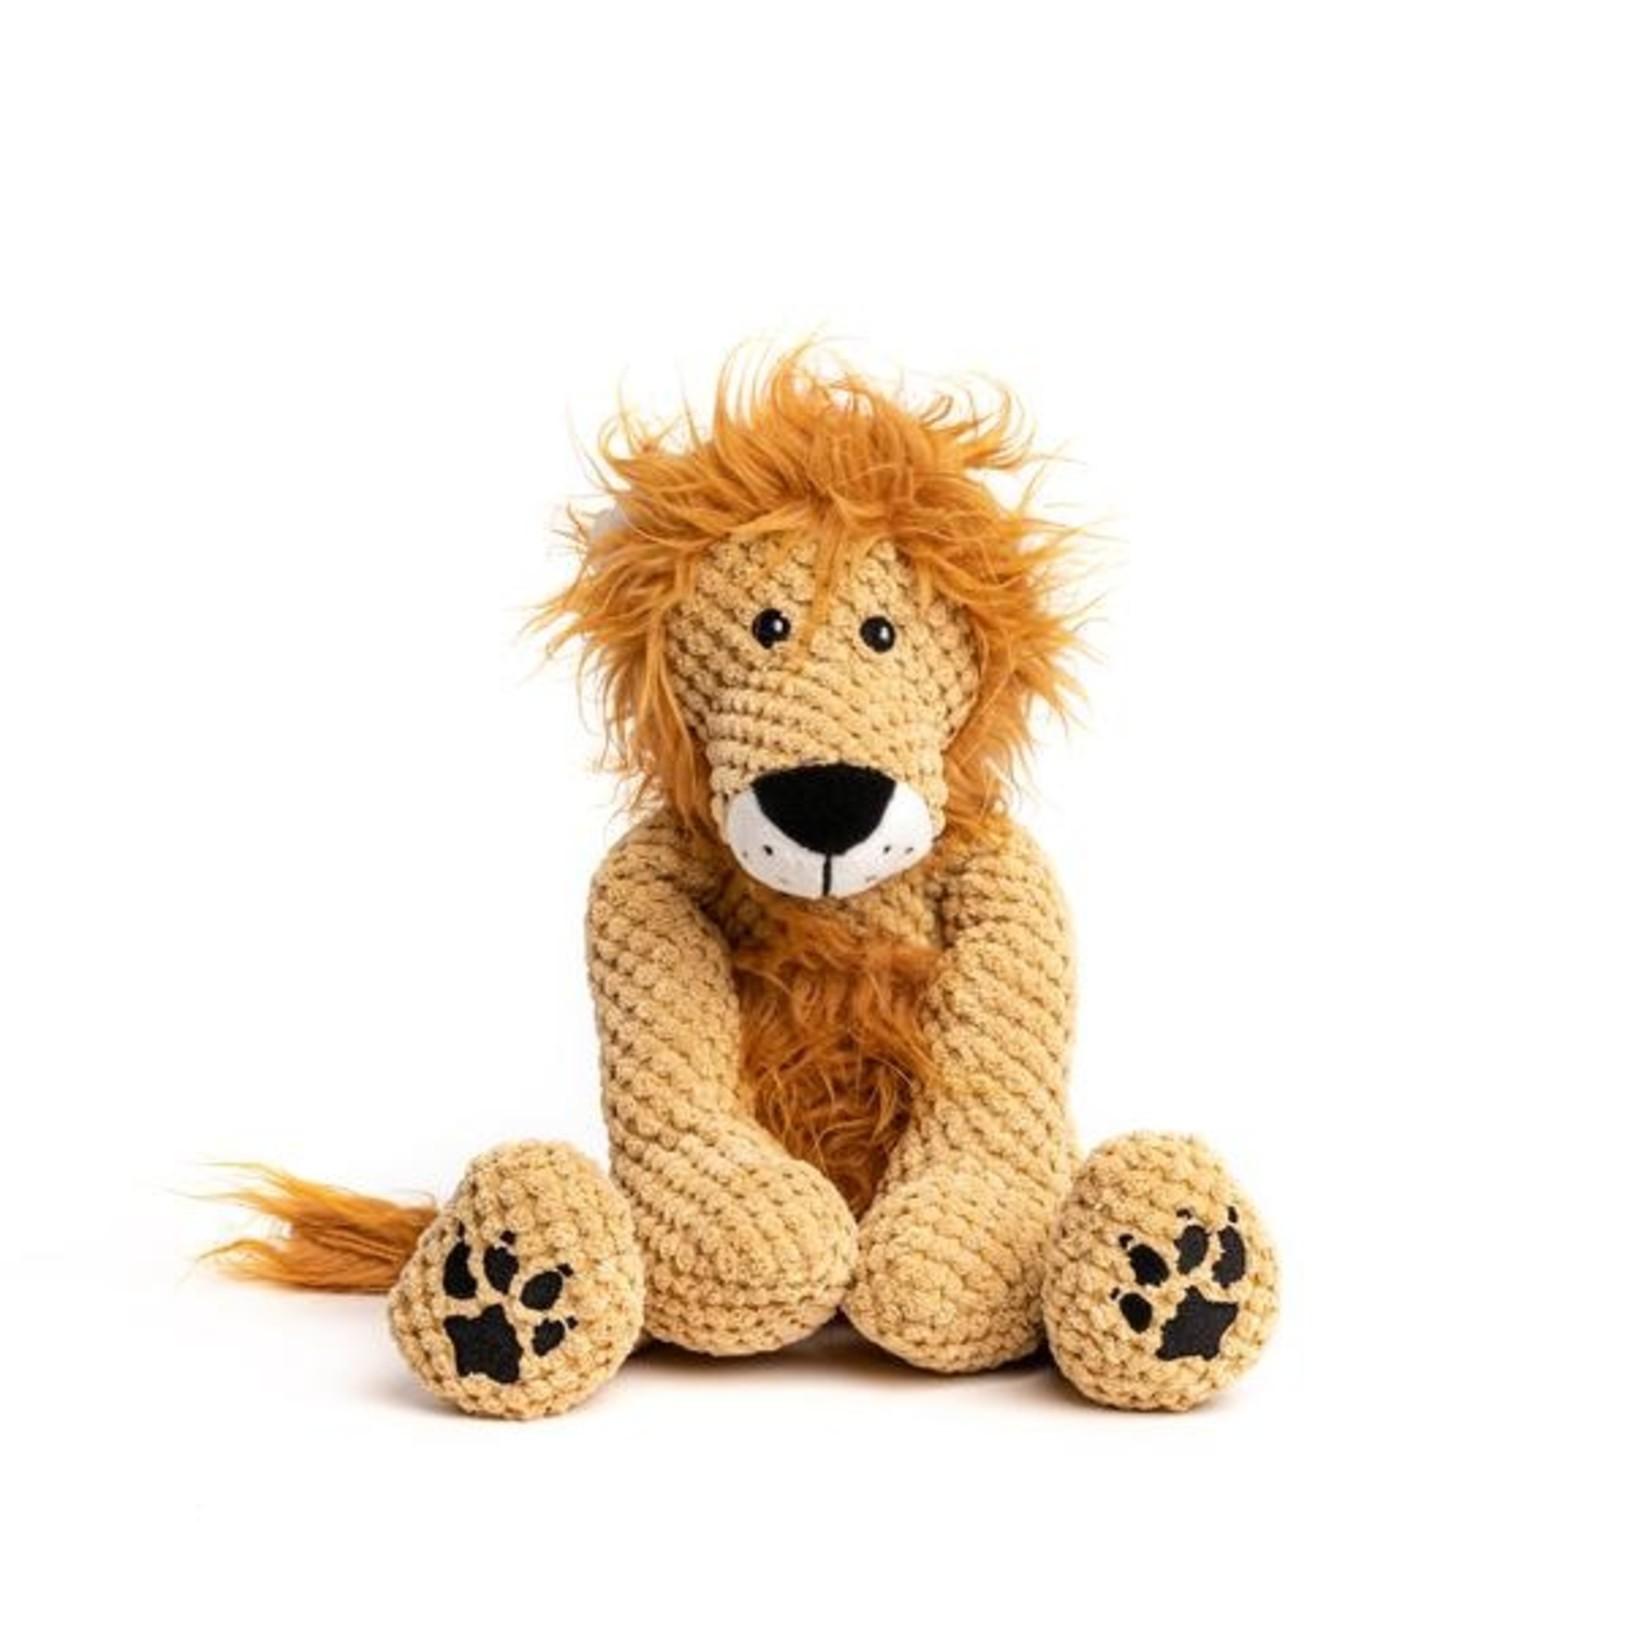 Fabdog Fabdog Floppy Lion Dog Toy Small